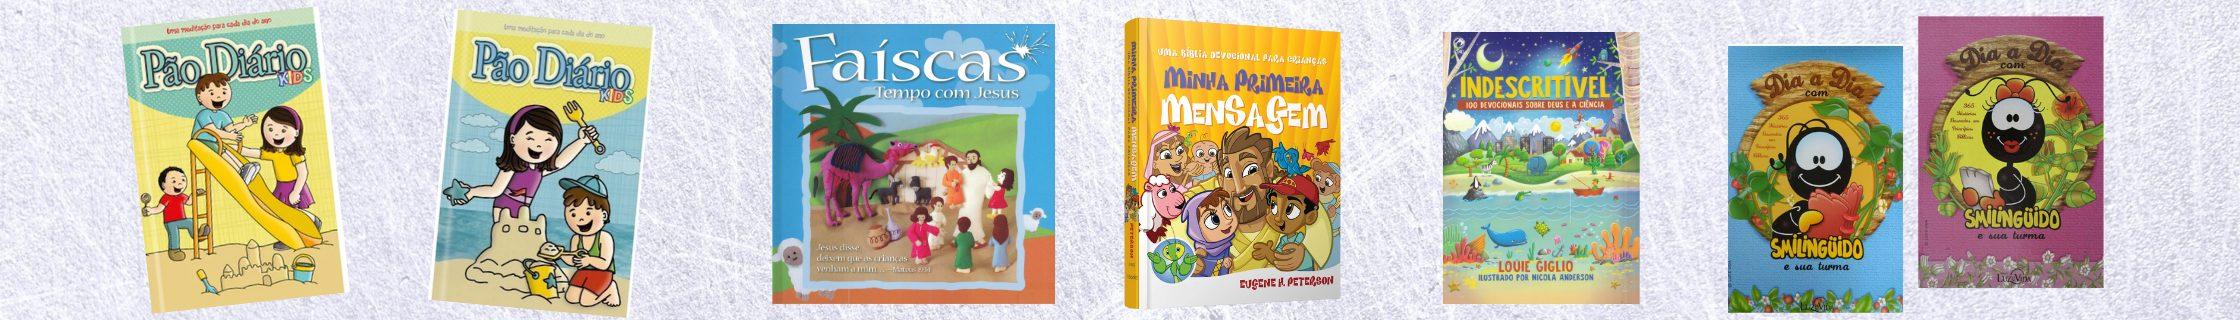 livros devocional infantil